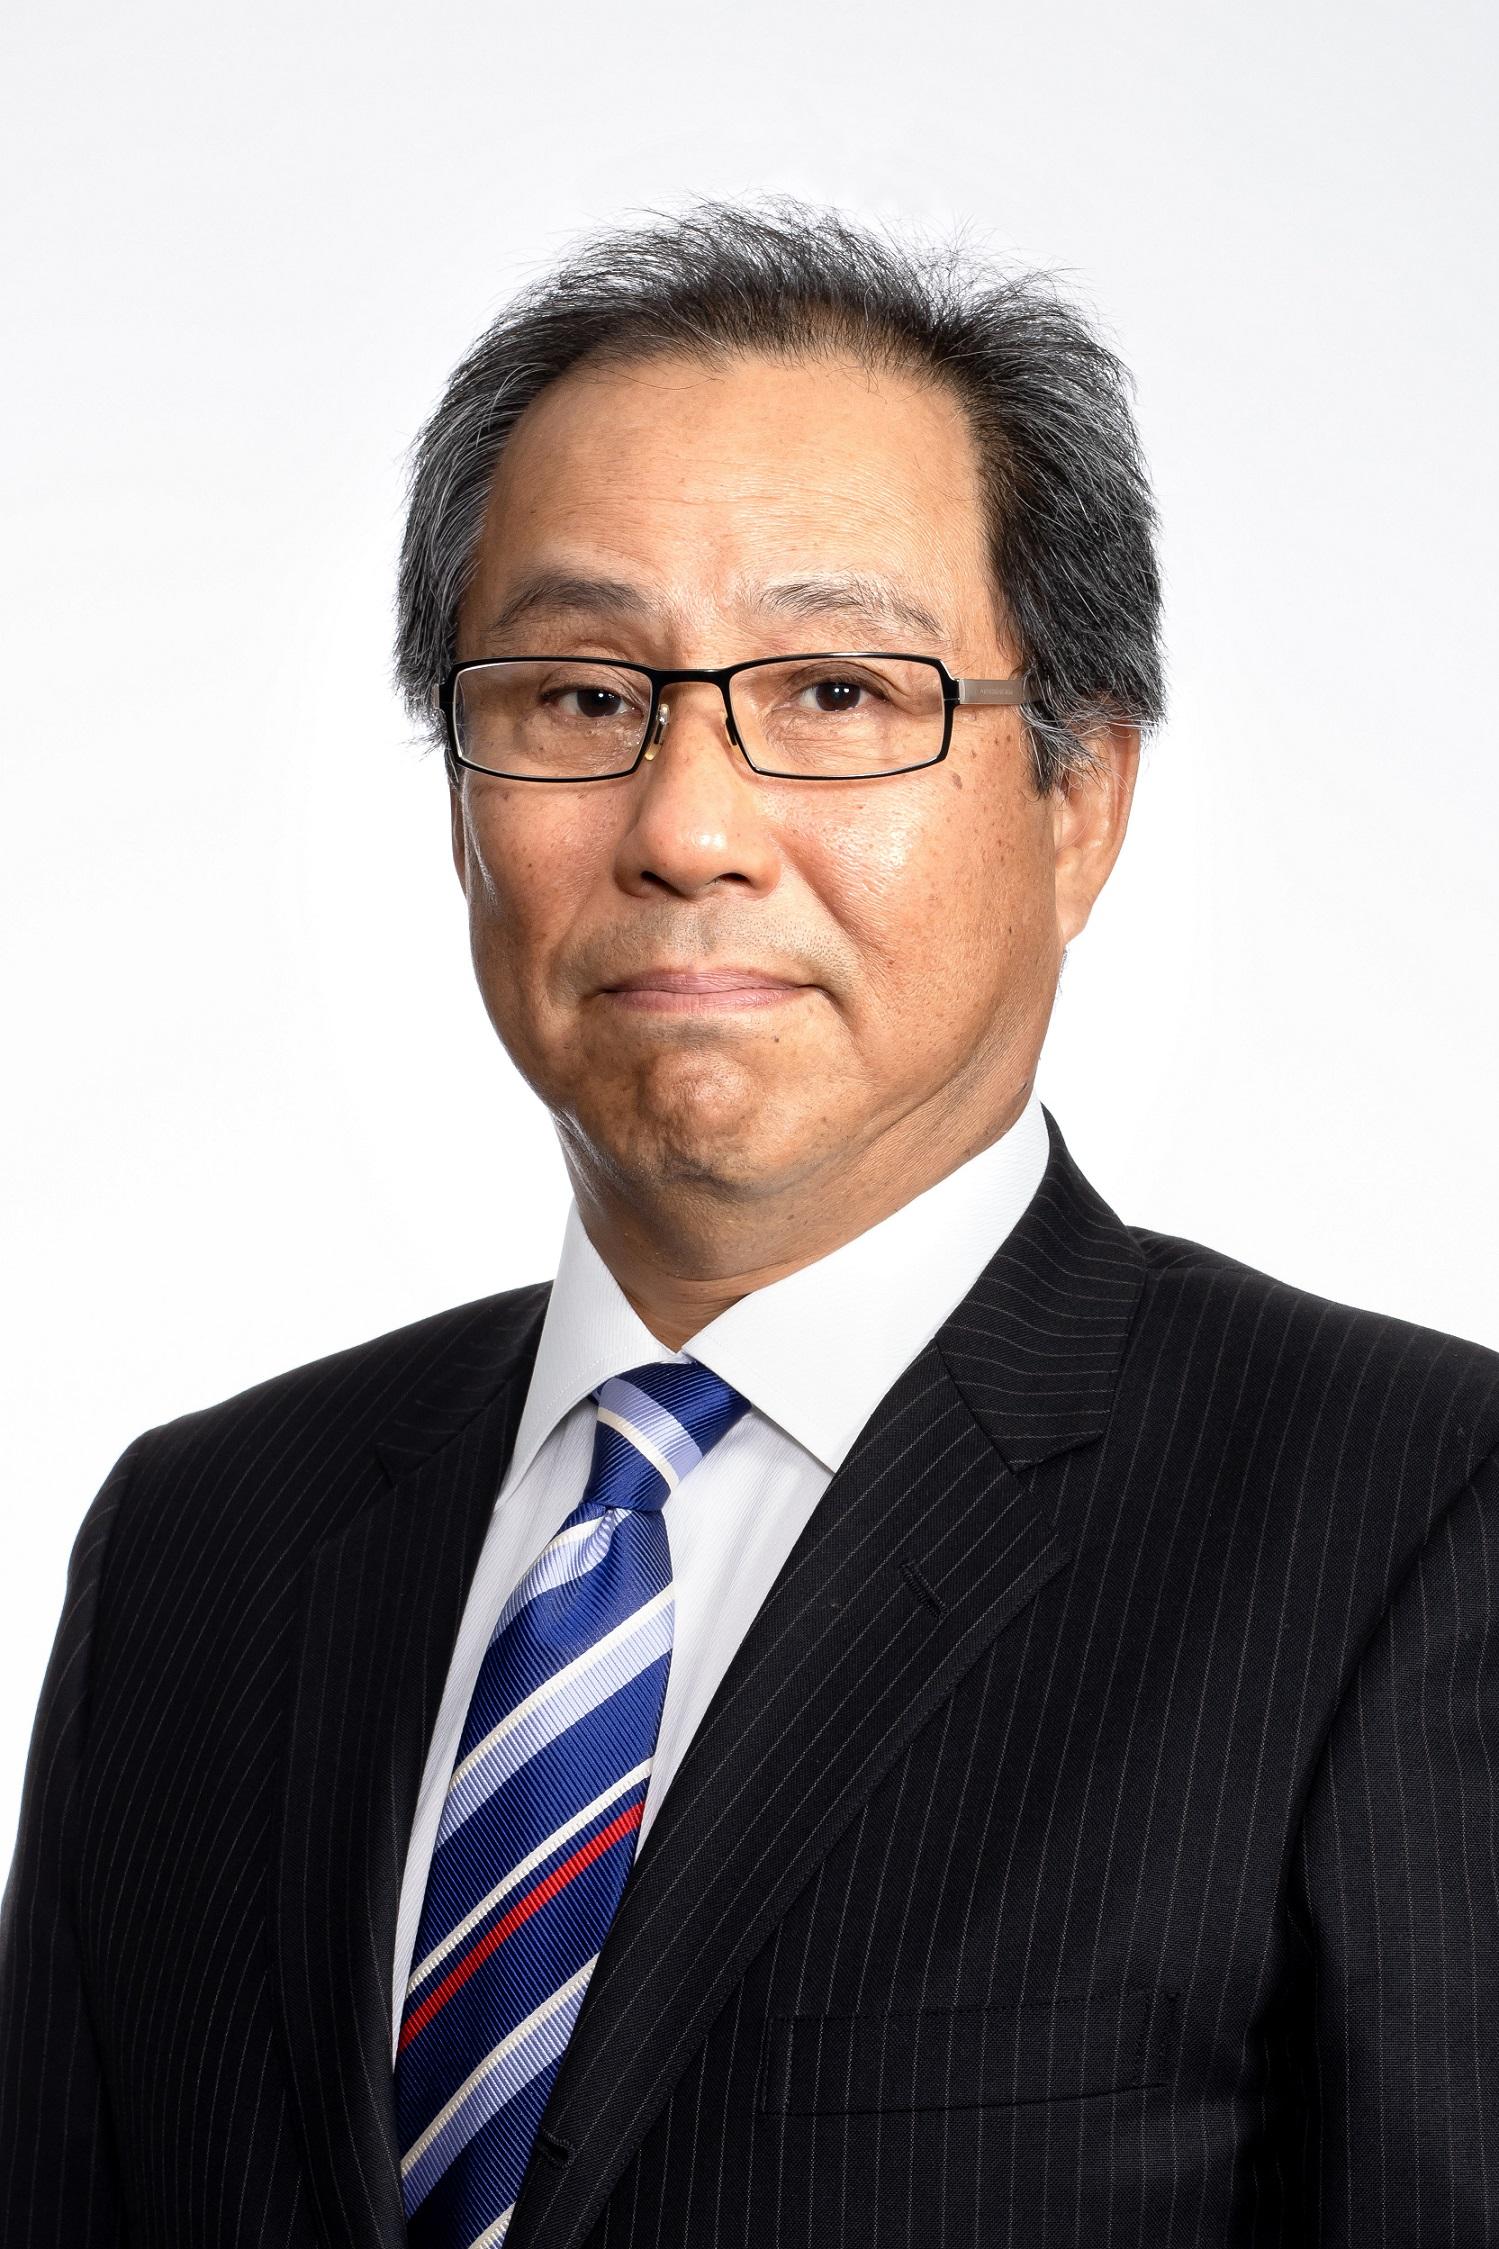 社外取締役/監査等委員 濱田 清仁 Kiyohito Hamada